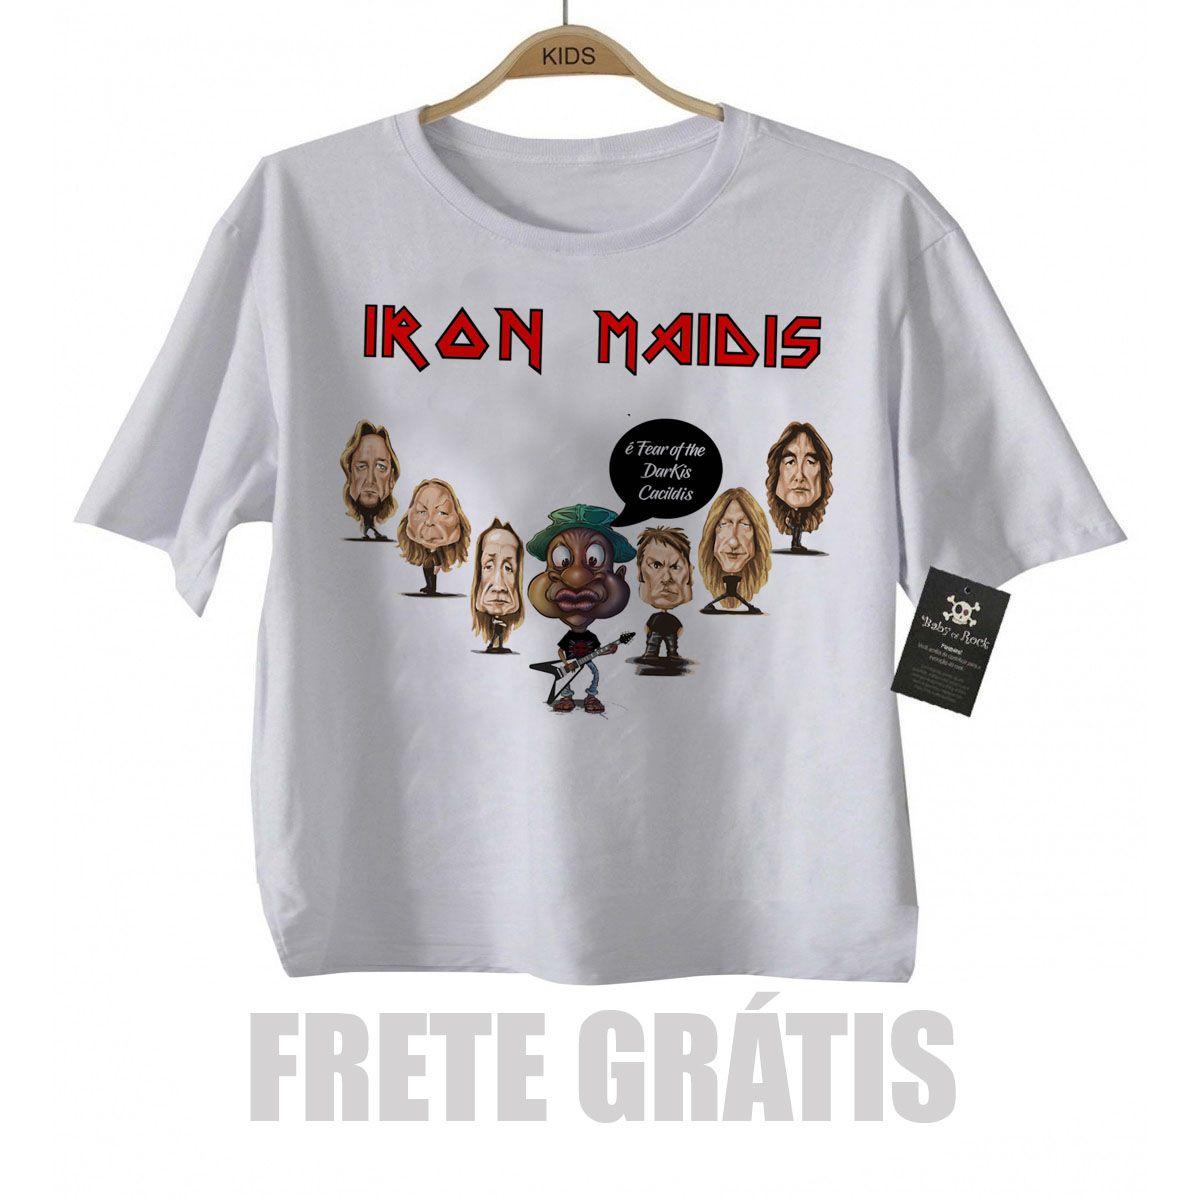 Camiseta Nerd / Geek  Bebe Mussum - Iron Maidis / Maiden - White  - Baby Monster S/A